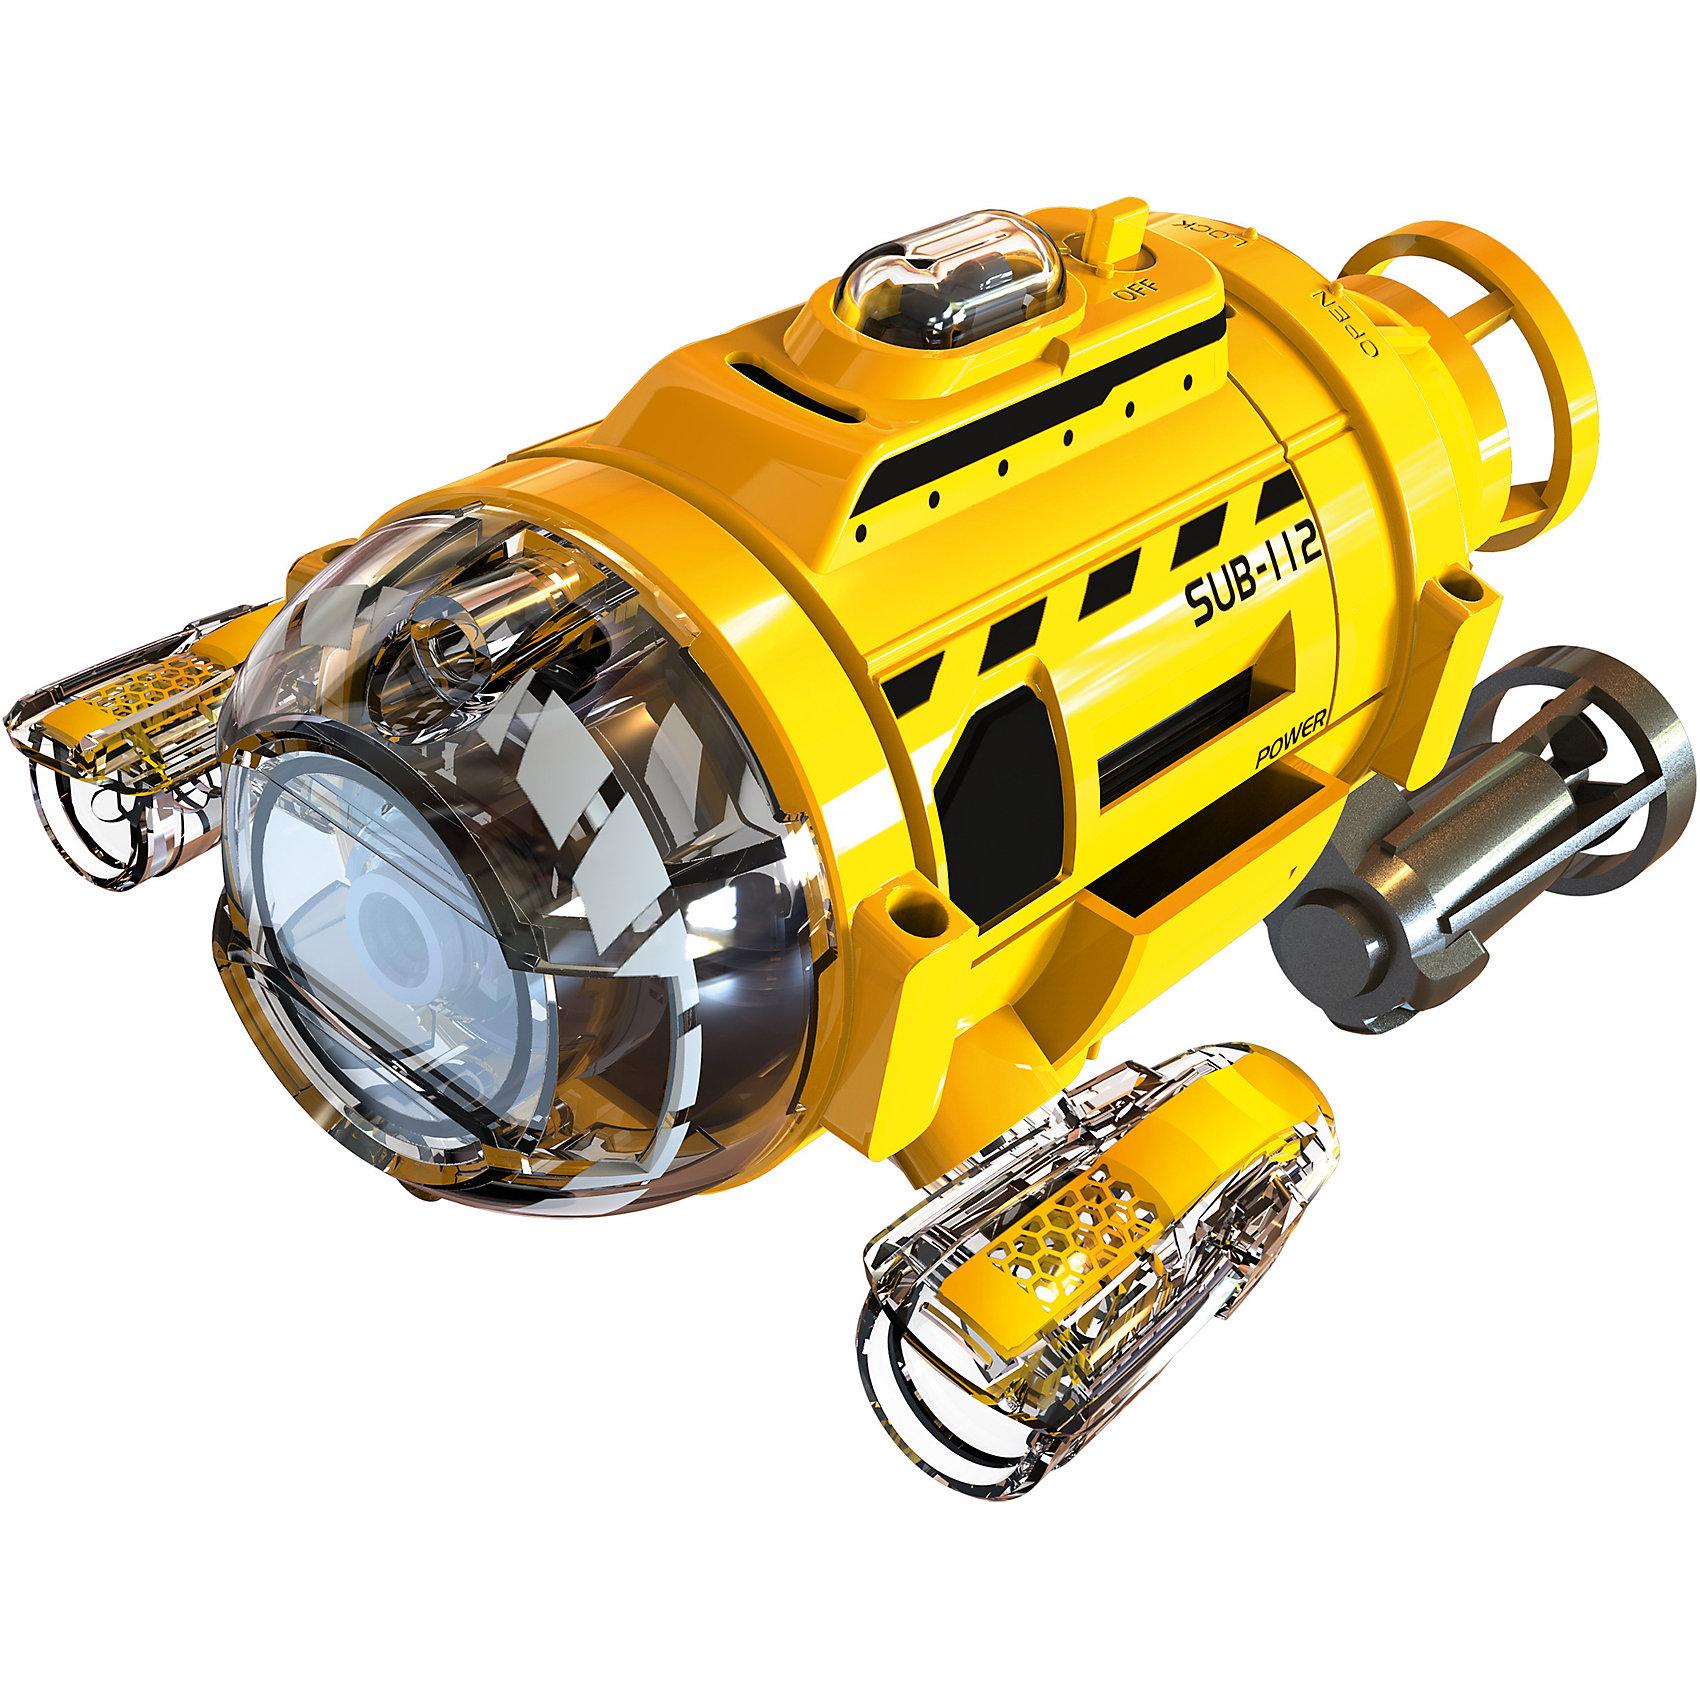 Подводная лодка ИК с камерой, Silverlit<br><br>Ширина мм: 9999<br>Глубина мм: 9999<br>Высота мм: 9999<br>Вес г: 9999<br>Возраст от месяцев: 36<br>Возраст до месяцев: 2147483647<br>Пол: Унисекс<br>Возраст: Детский<br>SKU: 5059842